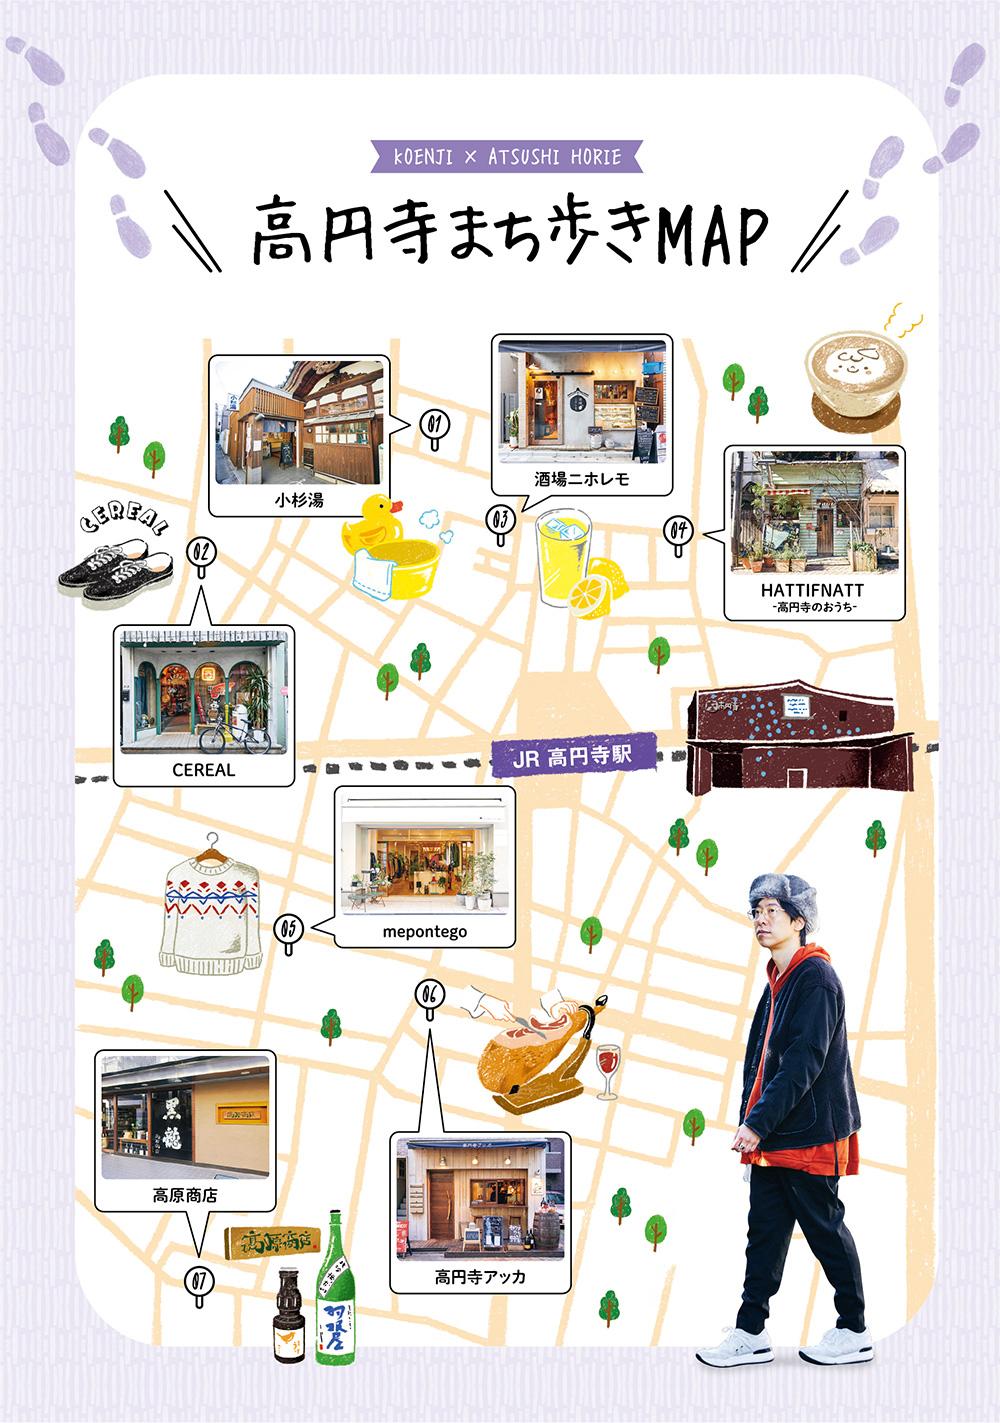 高円寺まち歩きMAP